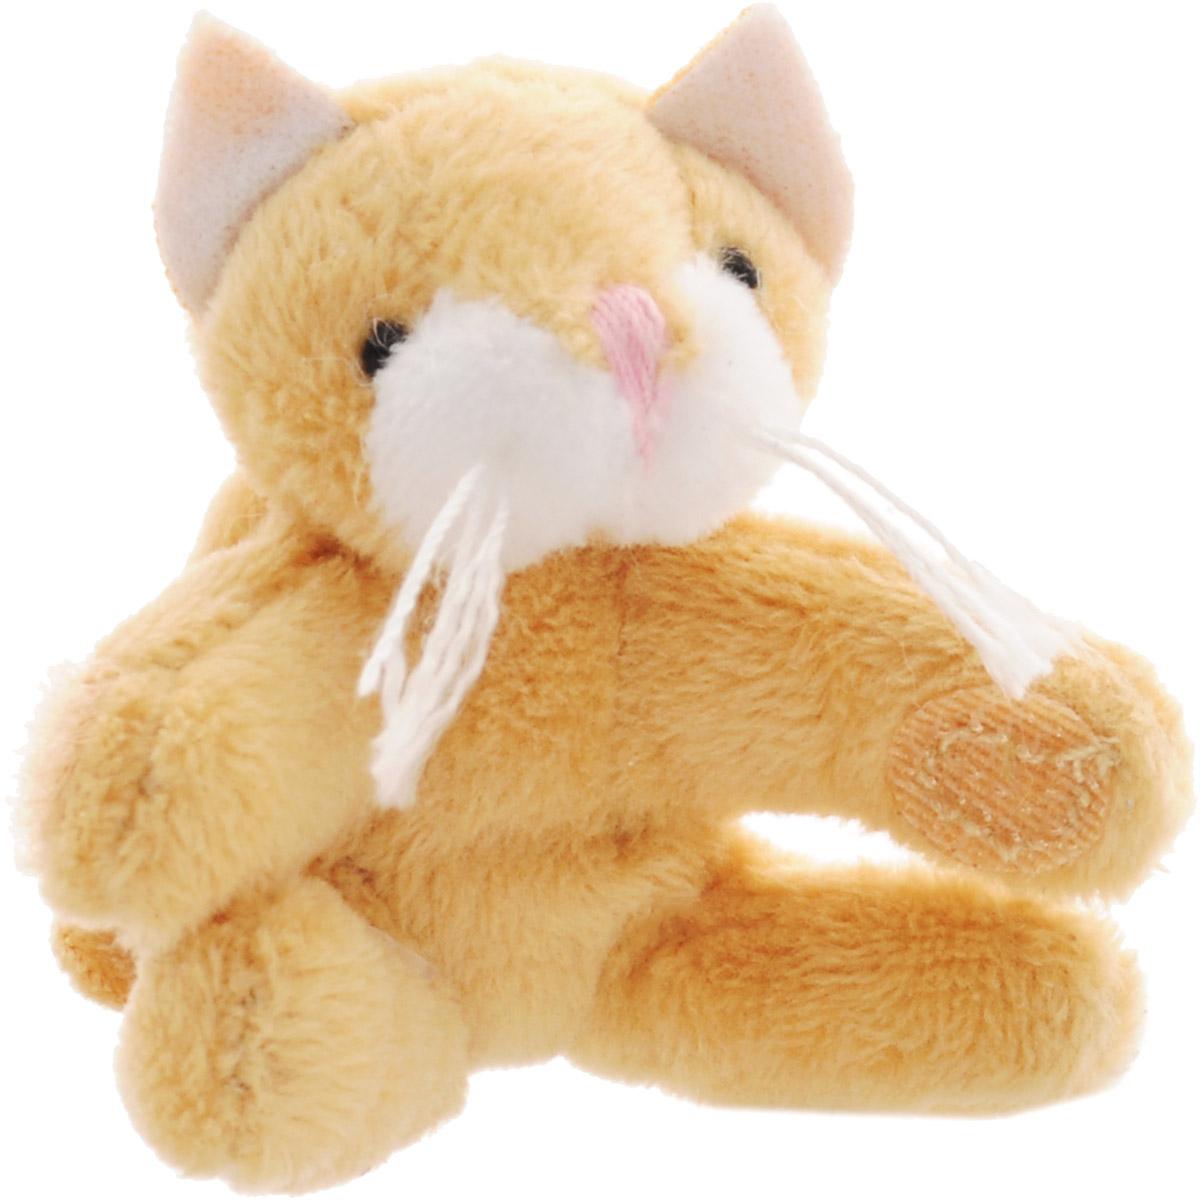 Beanzees Мягкая игрушка Котенок Whiskers 5 смB31001_WhiskersСимпатичная миниатюрная мягкая игрушка Beanzees Котенок Whiskers - это игрушка три в одном. Ее приятно держать в руках, увлекательно коллекционировать, а также эти игрушки можно соединять между собой с помощью липучек и носить как оригинальное украшение на шею или на руку. По легенде эти крошечные животные обитают все вместе в волшебном лесу под названием Бинзилэнд, в котором всегда ярко светит солнышко и цветут цветы. Размер игрушки 5 см, она выполнена из мягкого гипоаллергенного материала, набивка - синтетическое волокно, в том числе специальные пластиковые гранулы, делающие эту игрушку замечательным антистрессом. На лапках котенка располагаются маленькие текстильные липучки, с помощью которых игрушку можно соединять с другими.